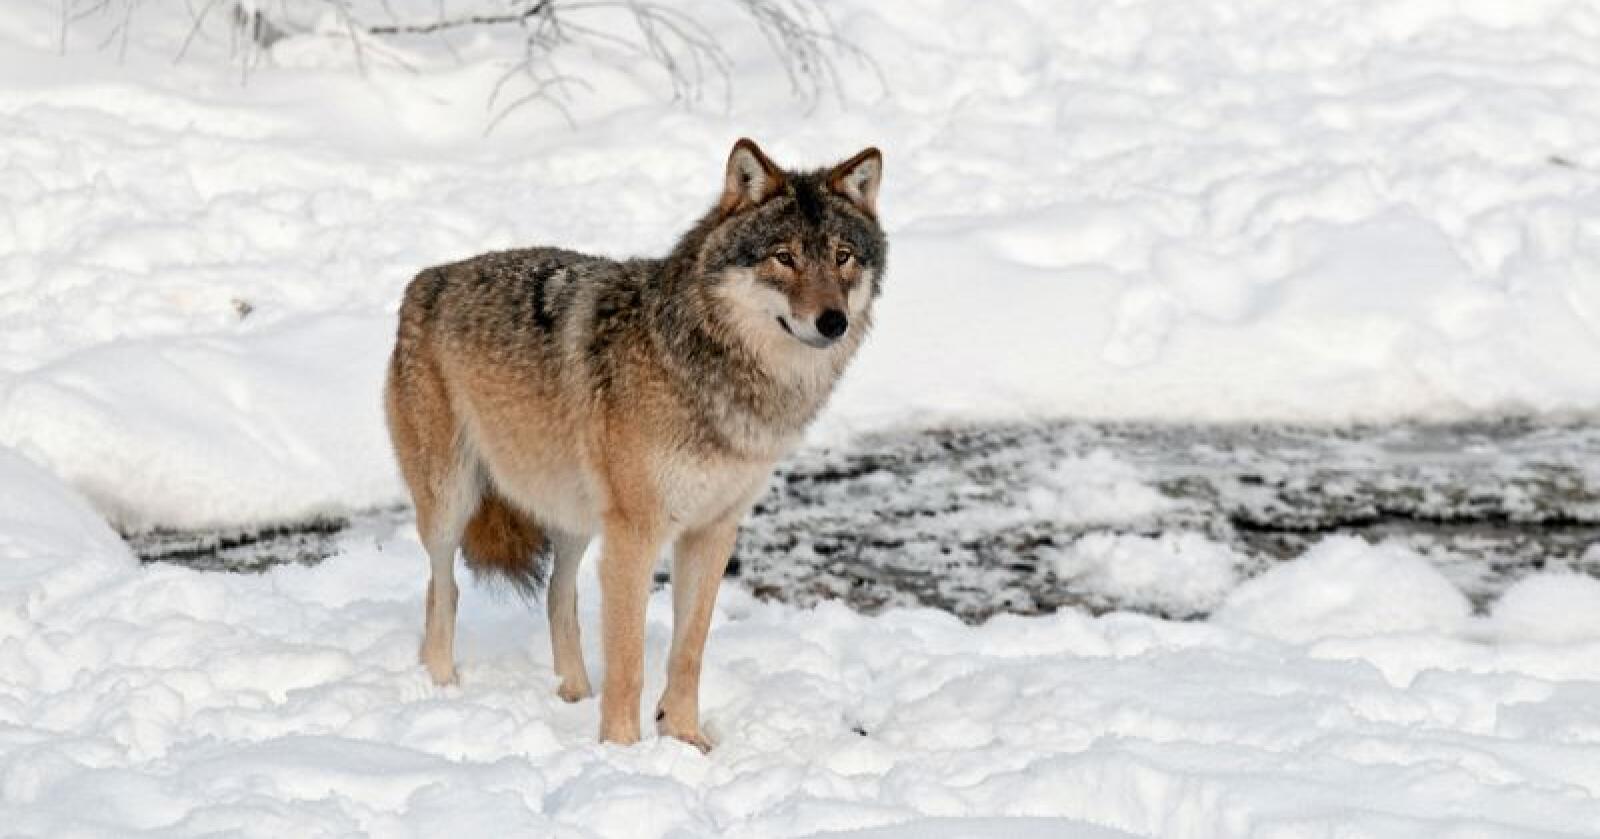 Forvaltningen av rovdyrstammene må flyttes til Landbruks- og matdepartementet, skriver Erlend Kvittum Nytrøen. Foto: Felix Andre Skulstad /Mostphotos